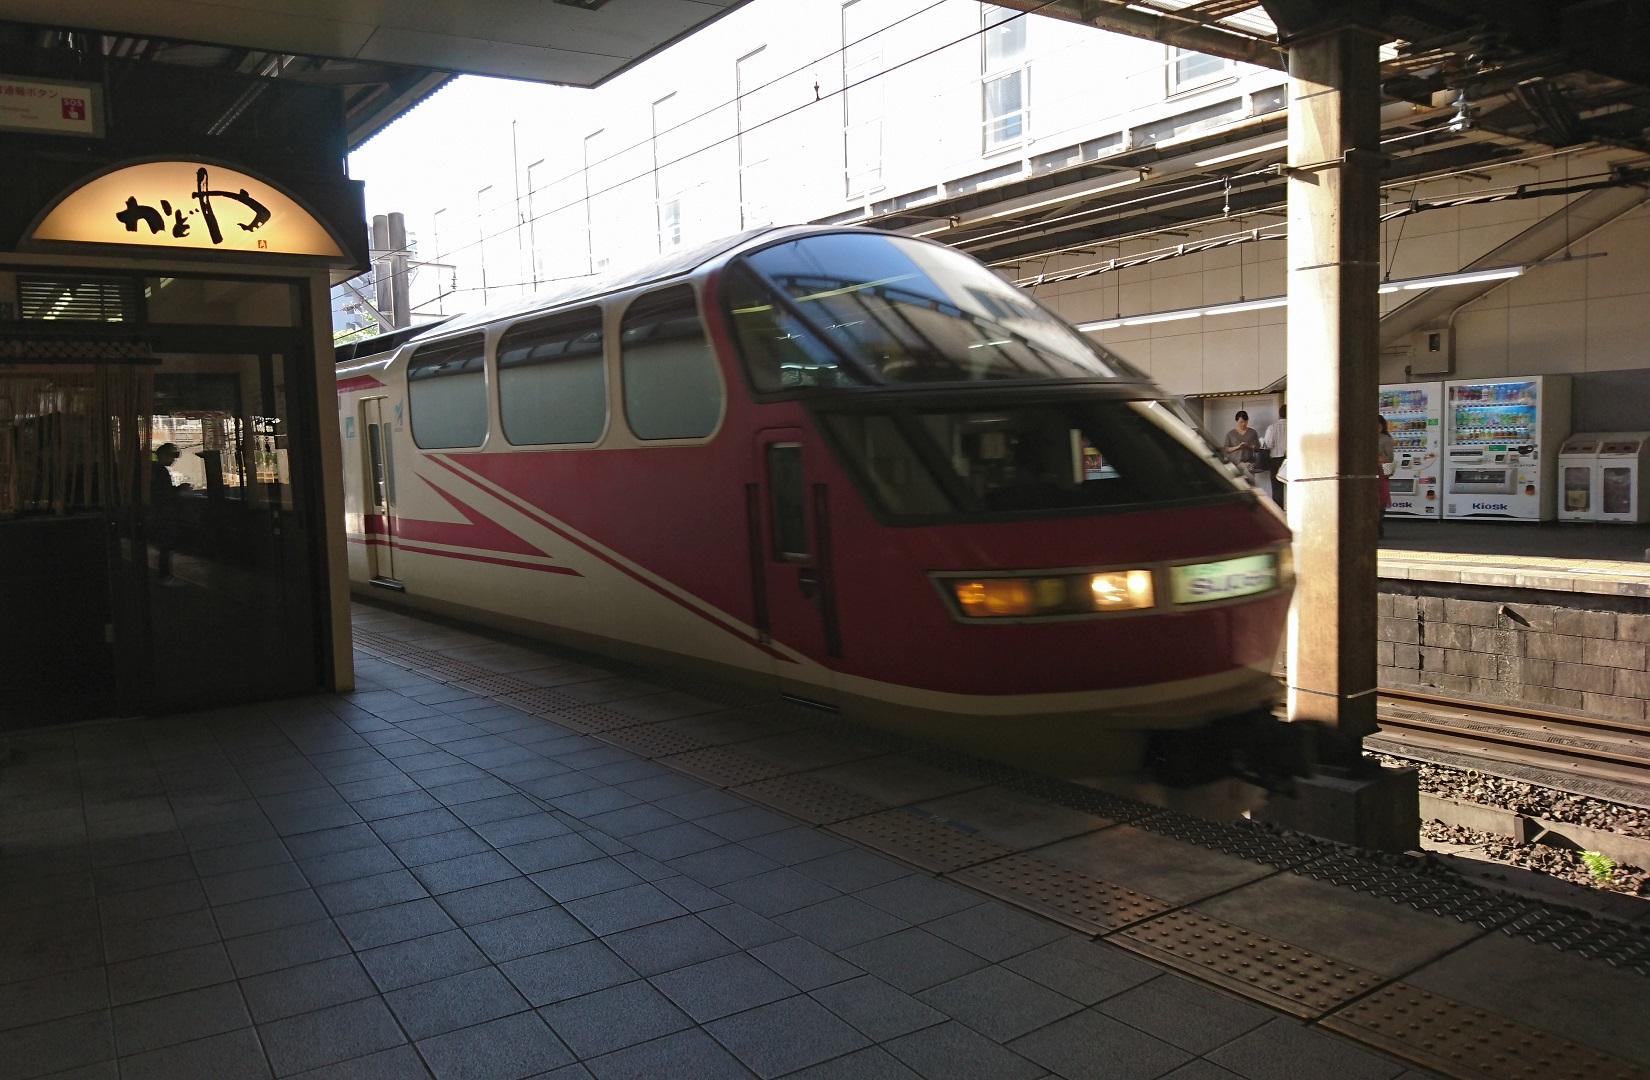 2017.5.19 大井 (77) 金山 - 豊橋いき特急 1650-1080